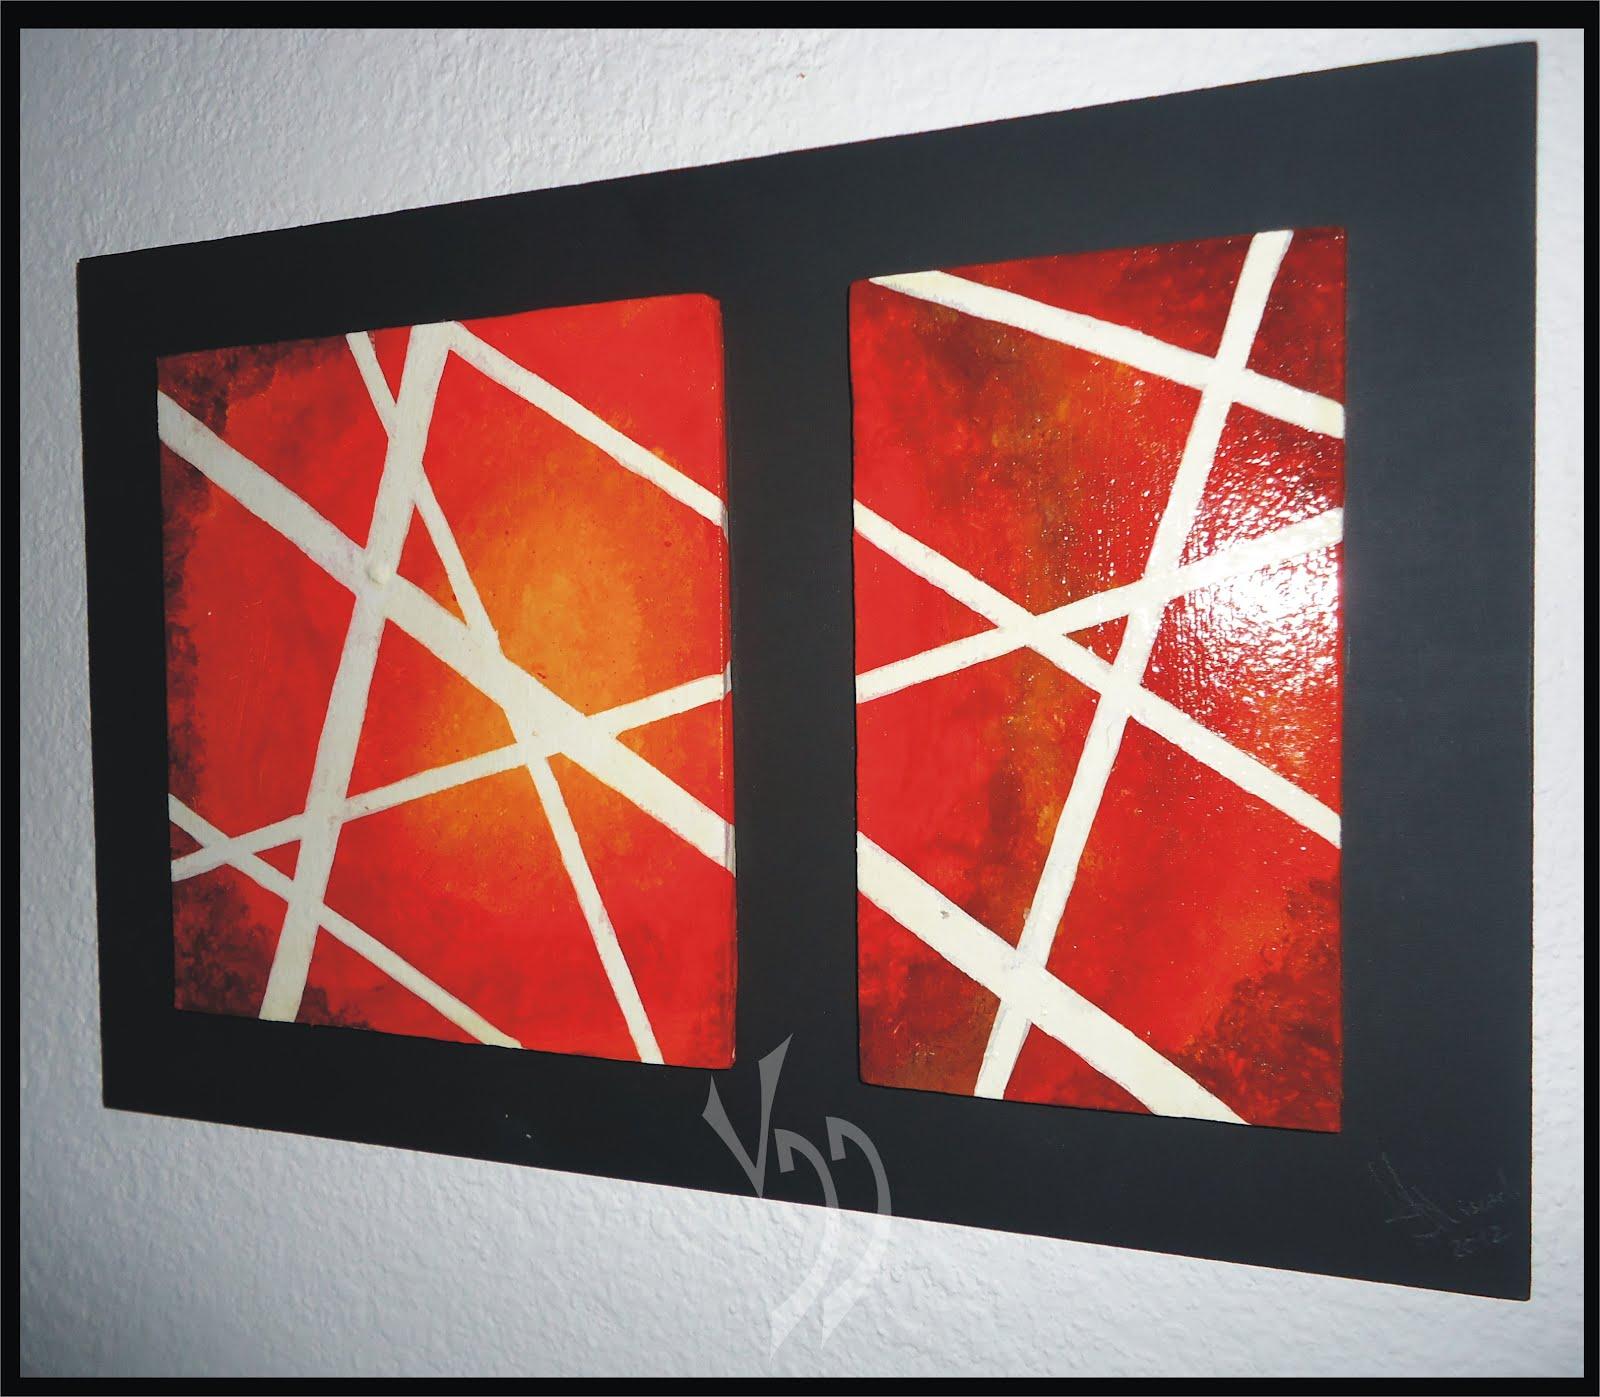 Cuadros abstractos abstractos mm mondrian i car interior - Fotos cuadros abstractos ...